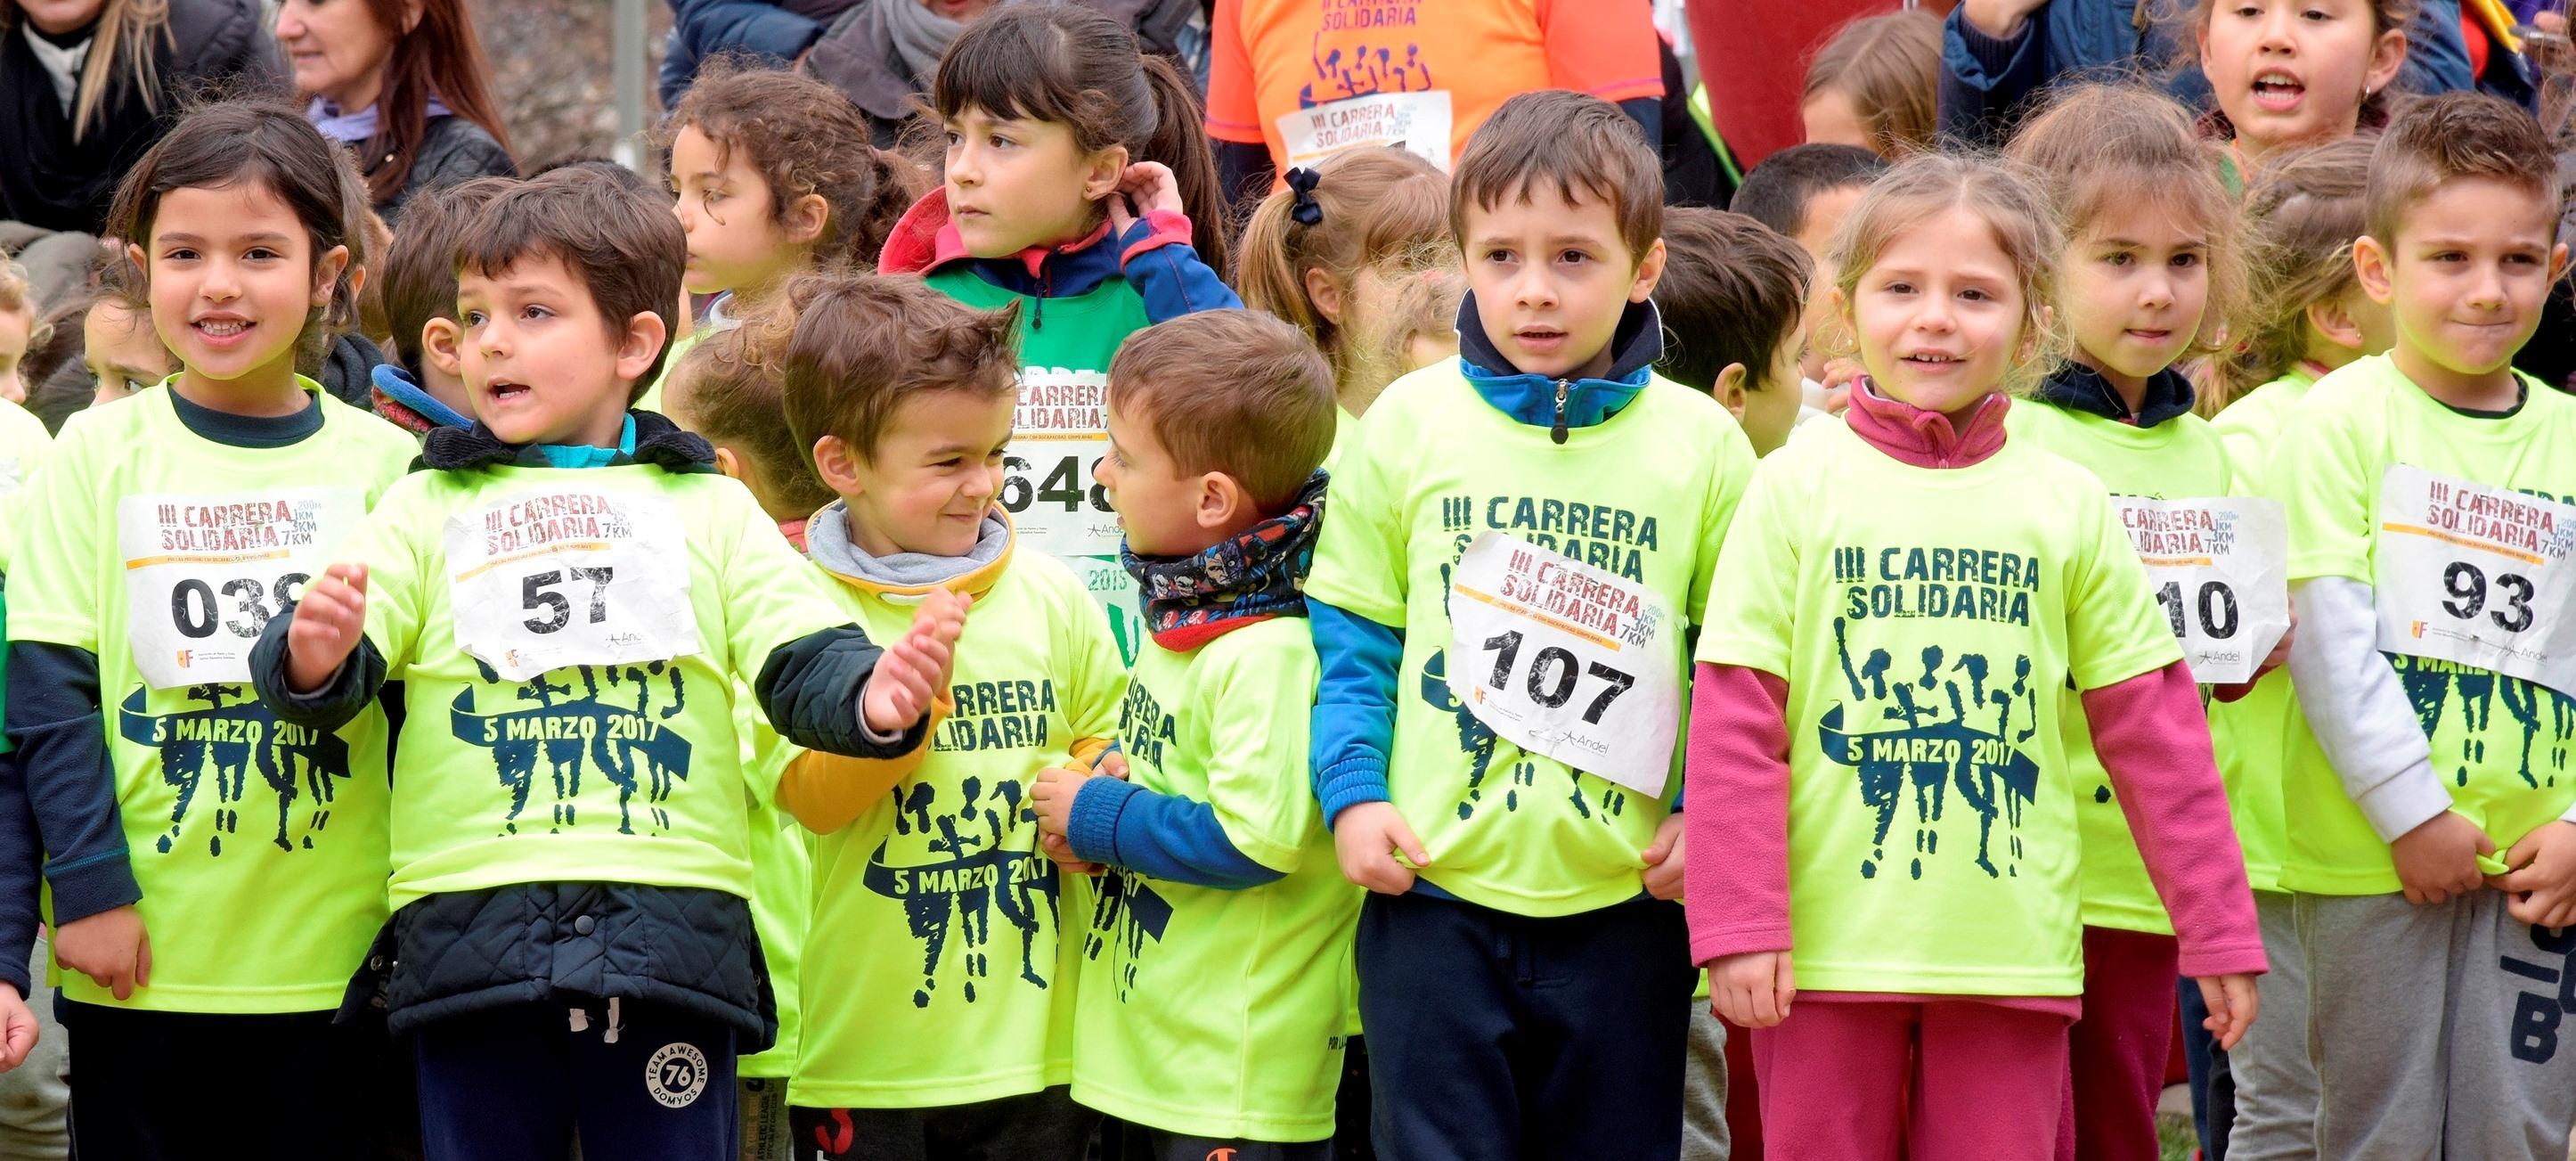 IV Carrera Solidaria por Fundación Aladina